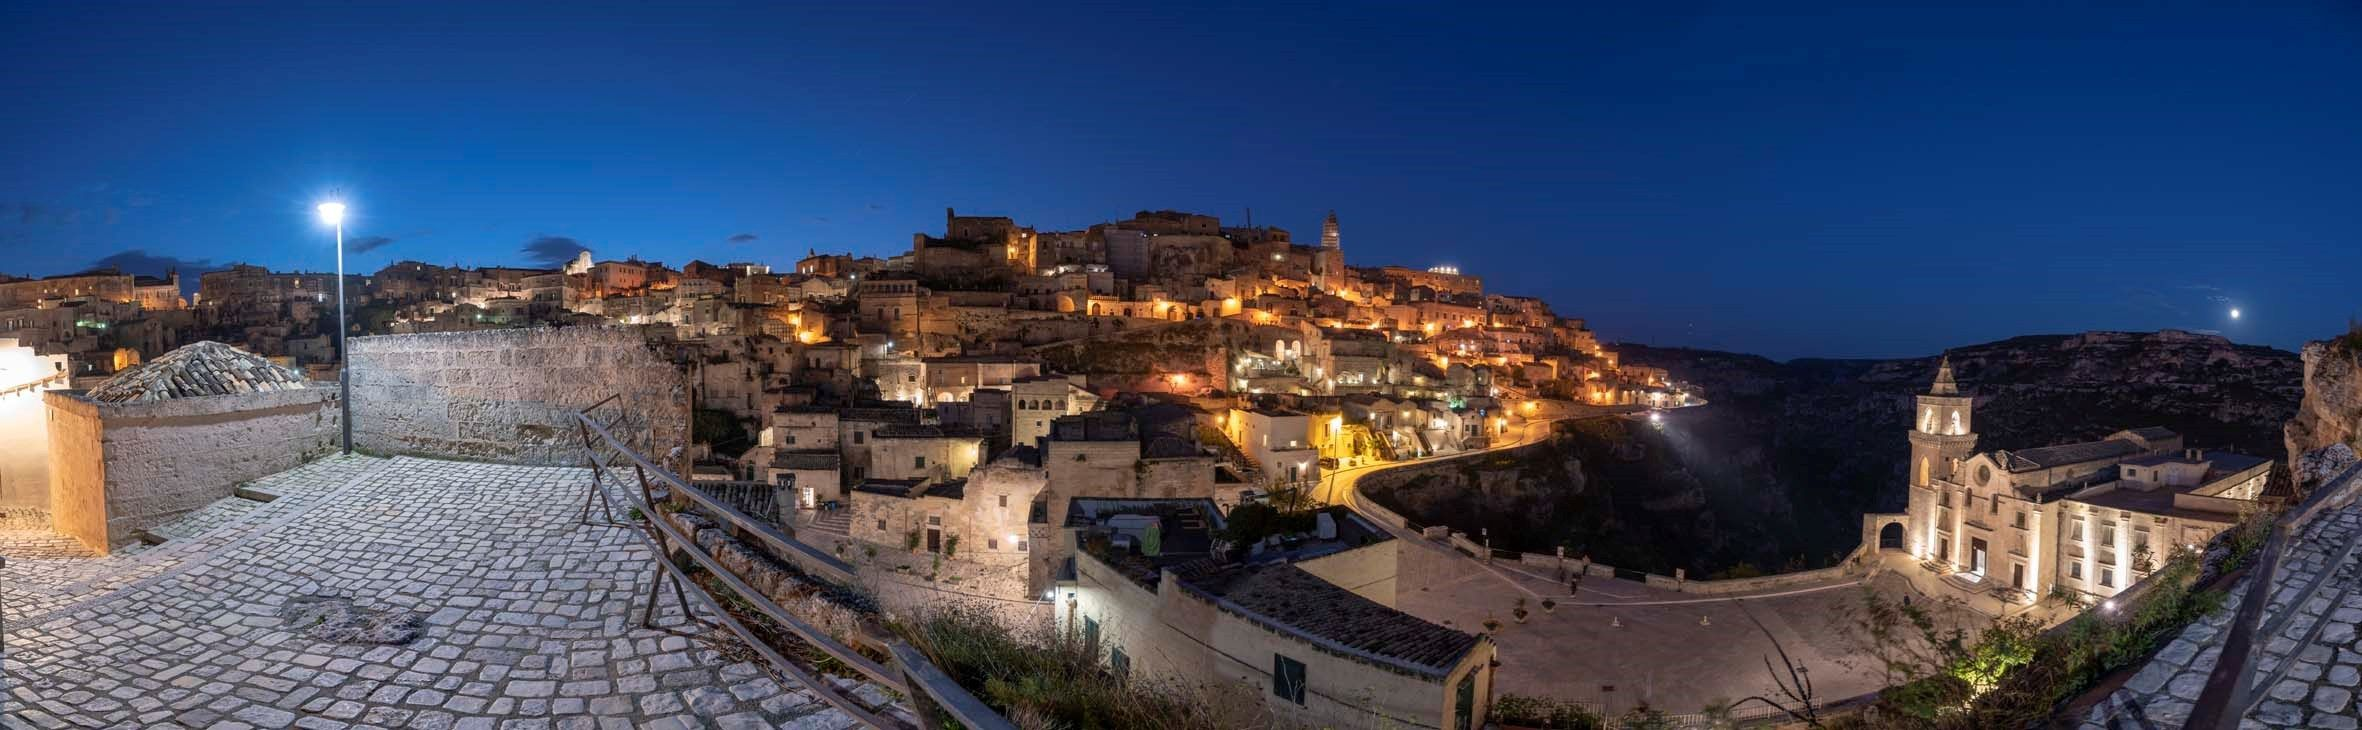 Vimar: Plana vi accoglie a Matera, capitale europea della cultura 2019